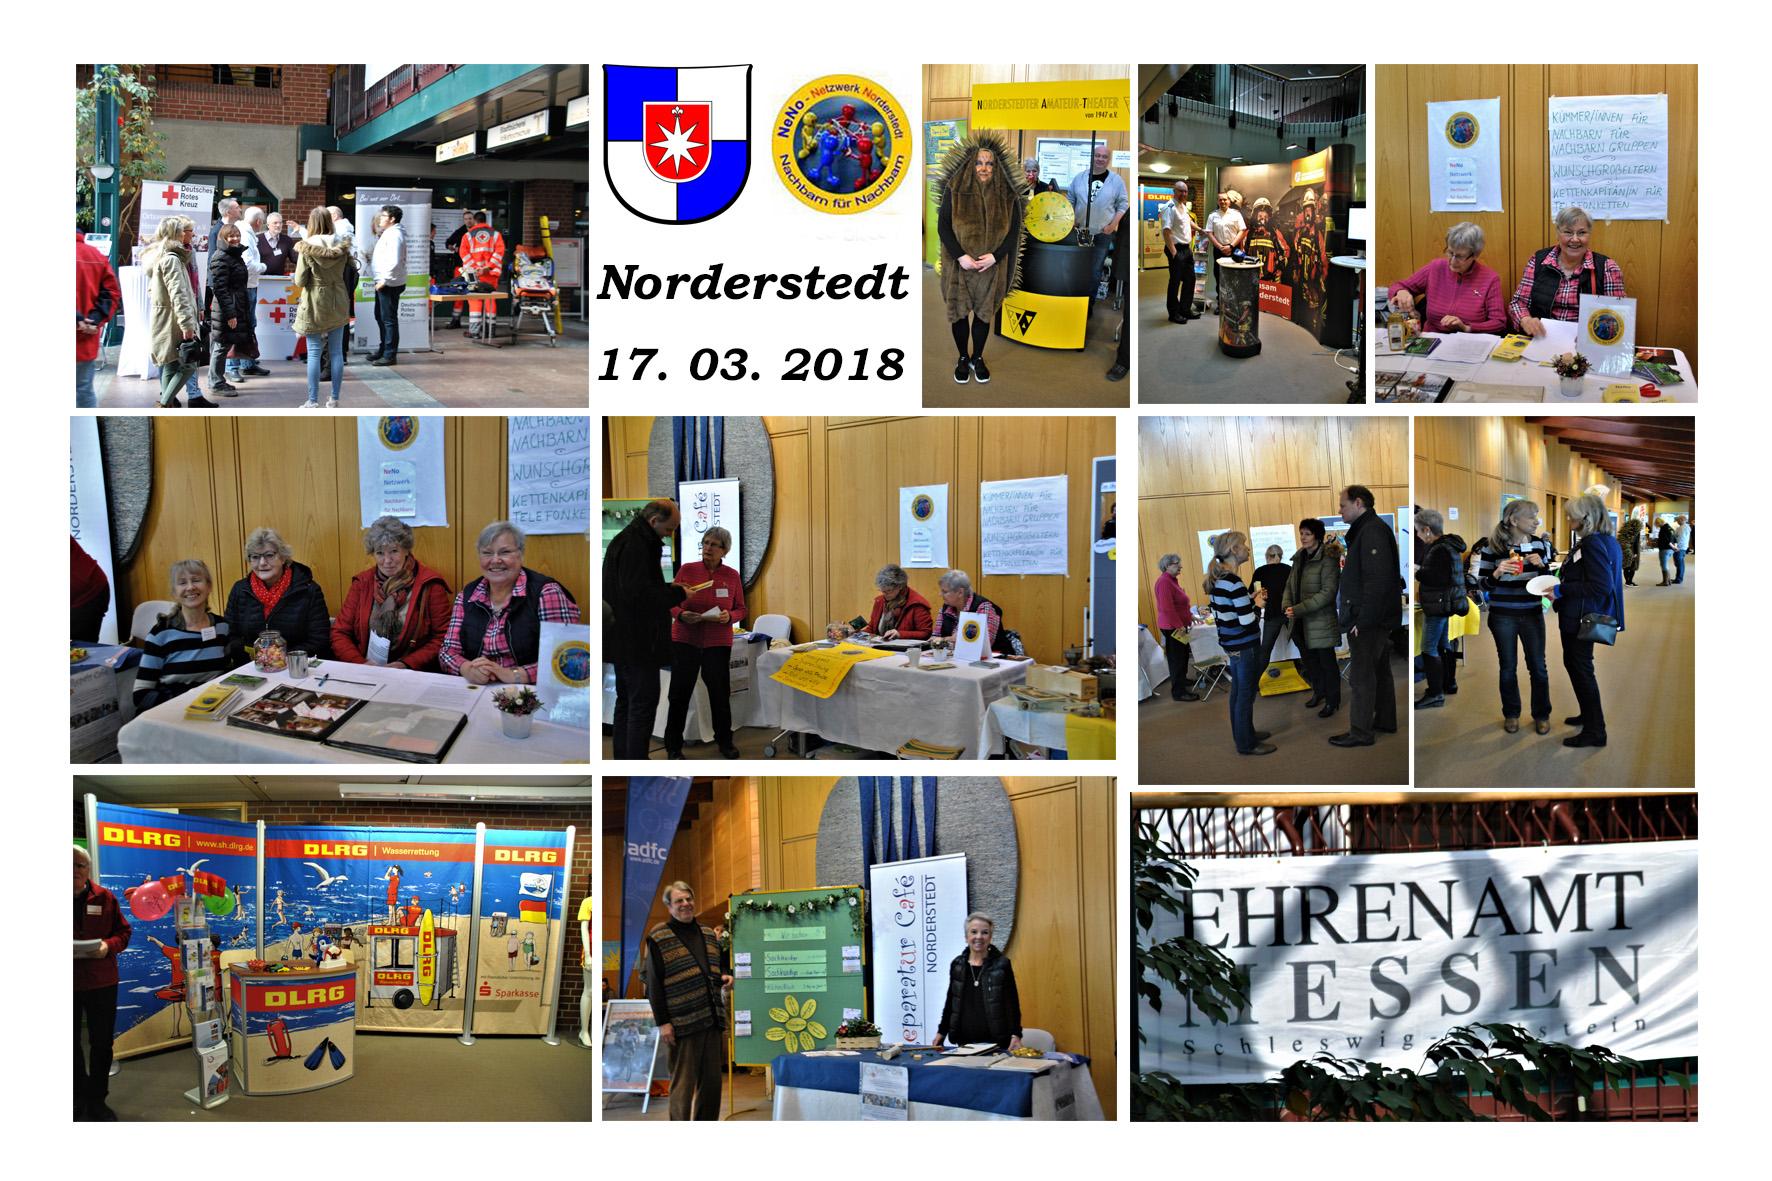 NeNo/Glashütte 2: Ehrenamt Messe in Norderstedt, 17.03.2018 (Fotos: Tom)